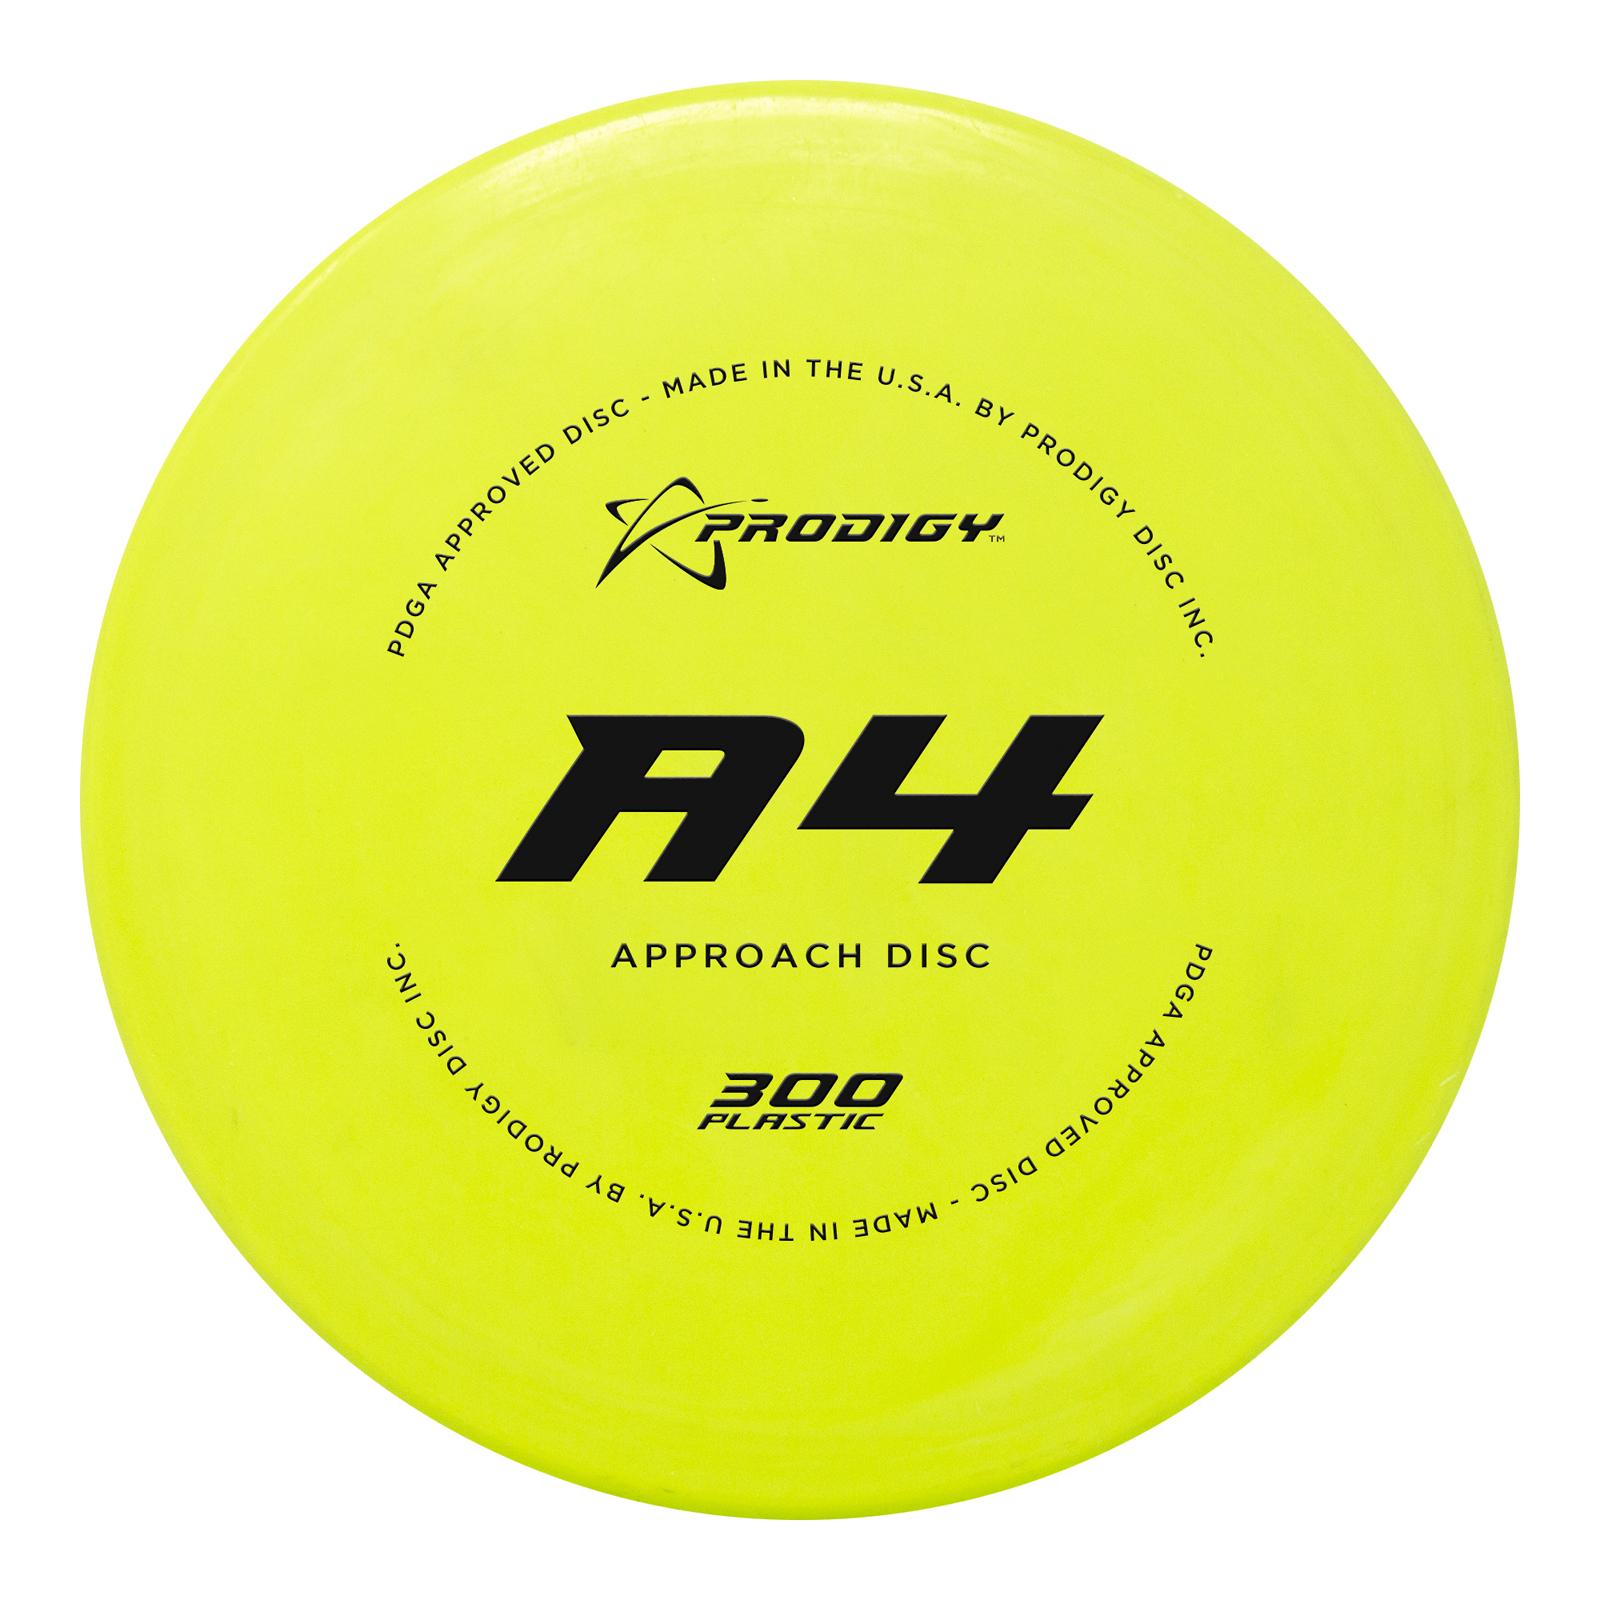 A4 - 300 PLASTIC